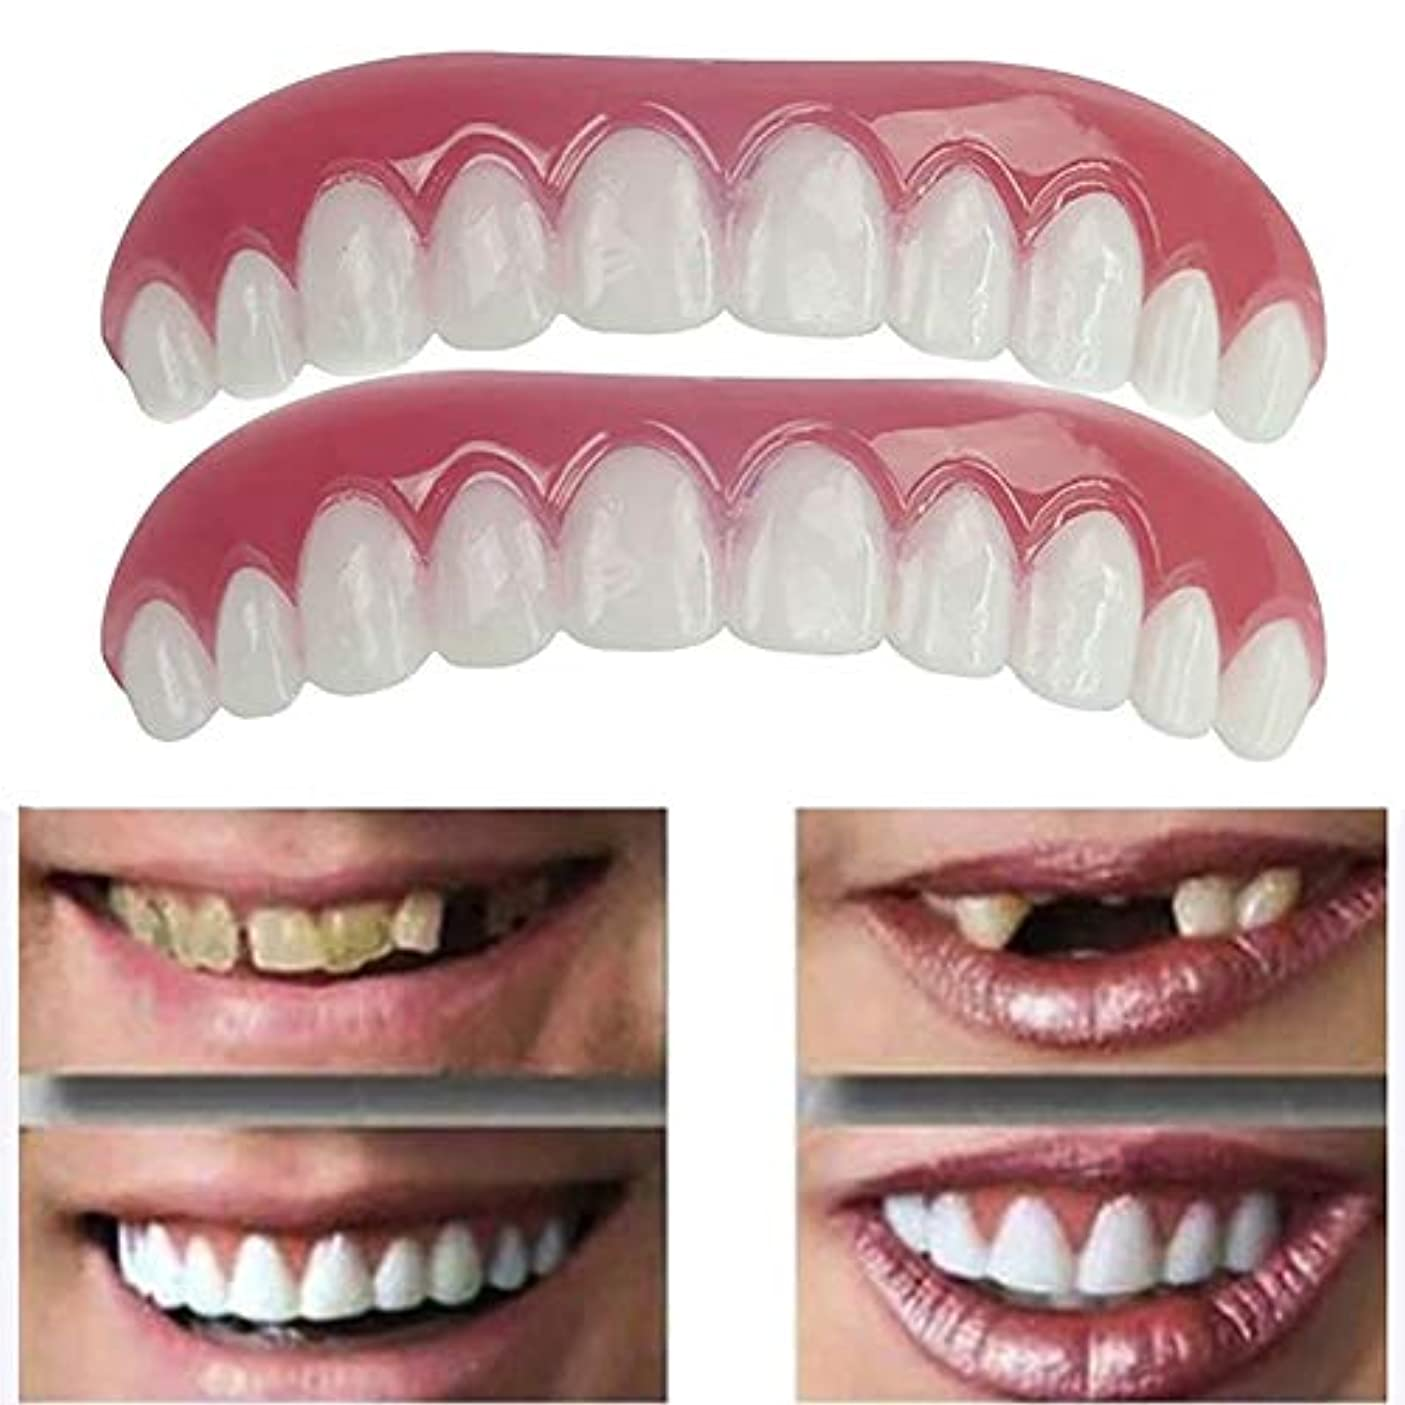 切手発掘会社5ペア偽の歯上偽の歯のカバー安全なインスタント笑顔化粧品ノベルティ歯 - ワンサイズ最もフィット